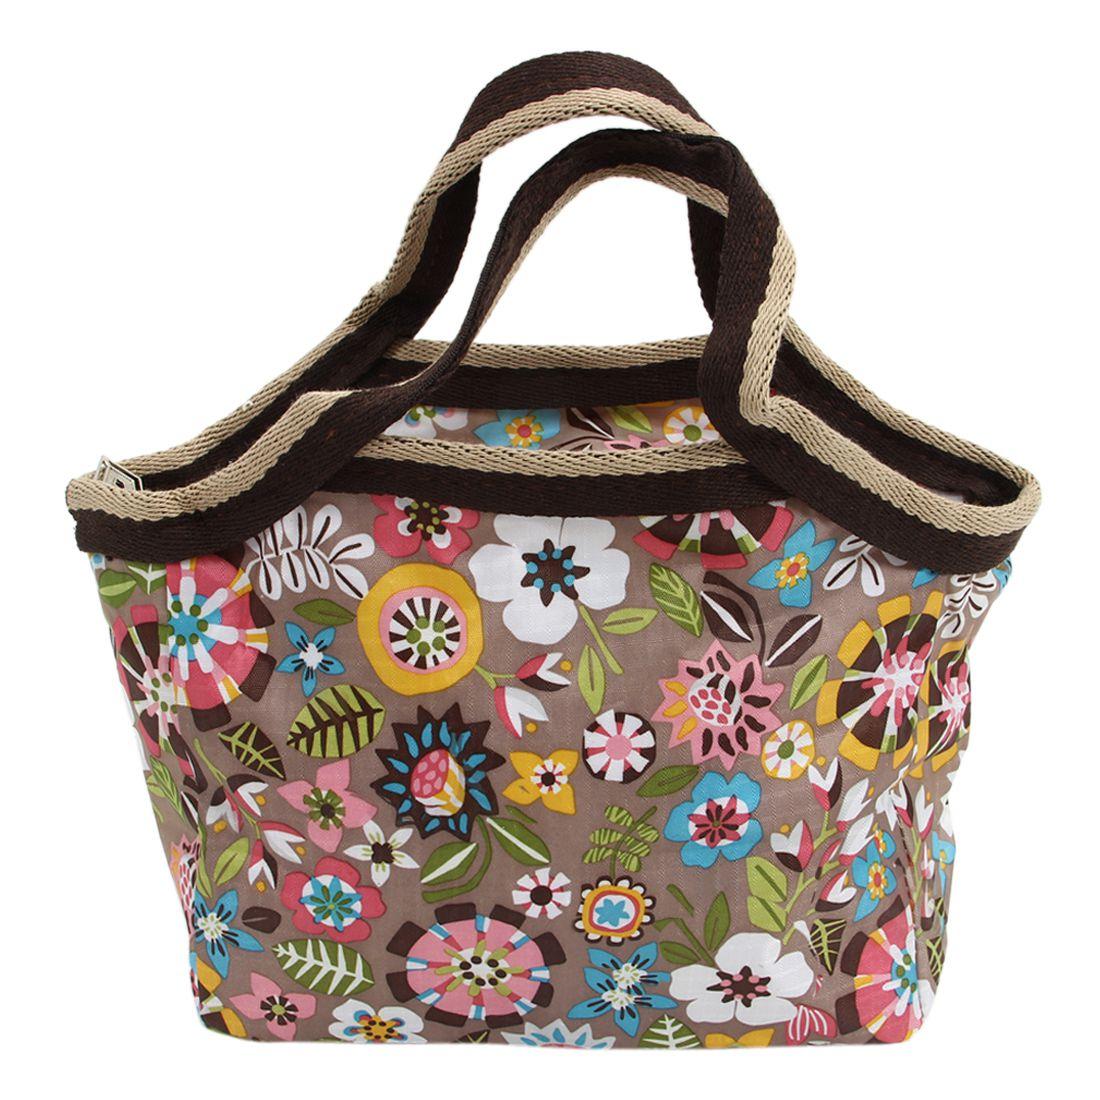 2018 Lebensmittel Frisch Halten Lunch Box Tasche Nylon Wasserdichte Picknick Reise Lagerung Thermische Isolierte Mode Mittagessen Taschen